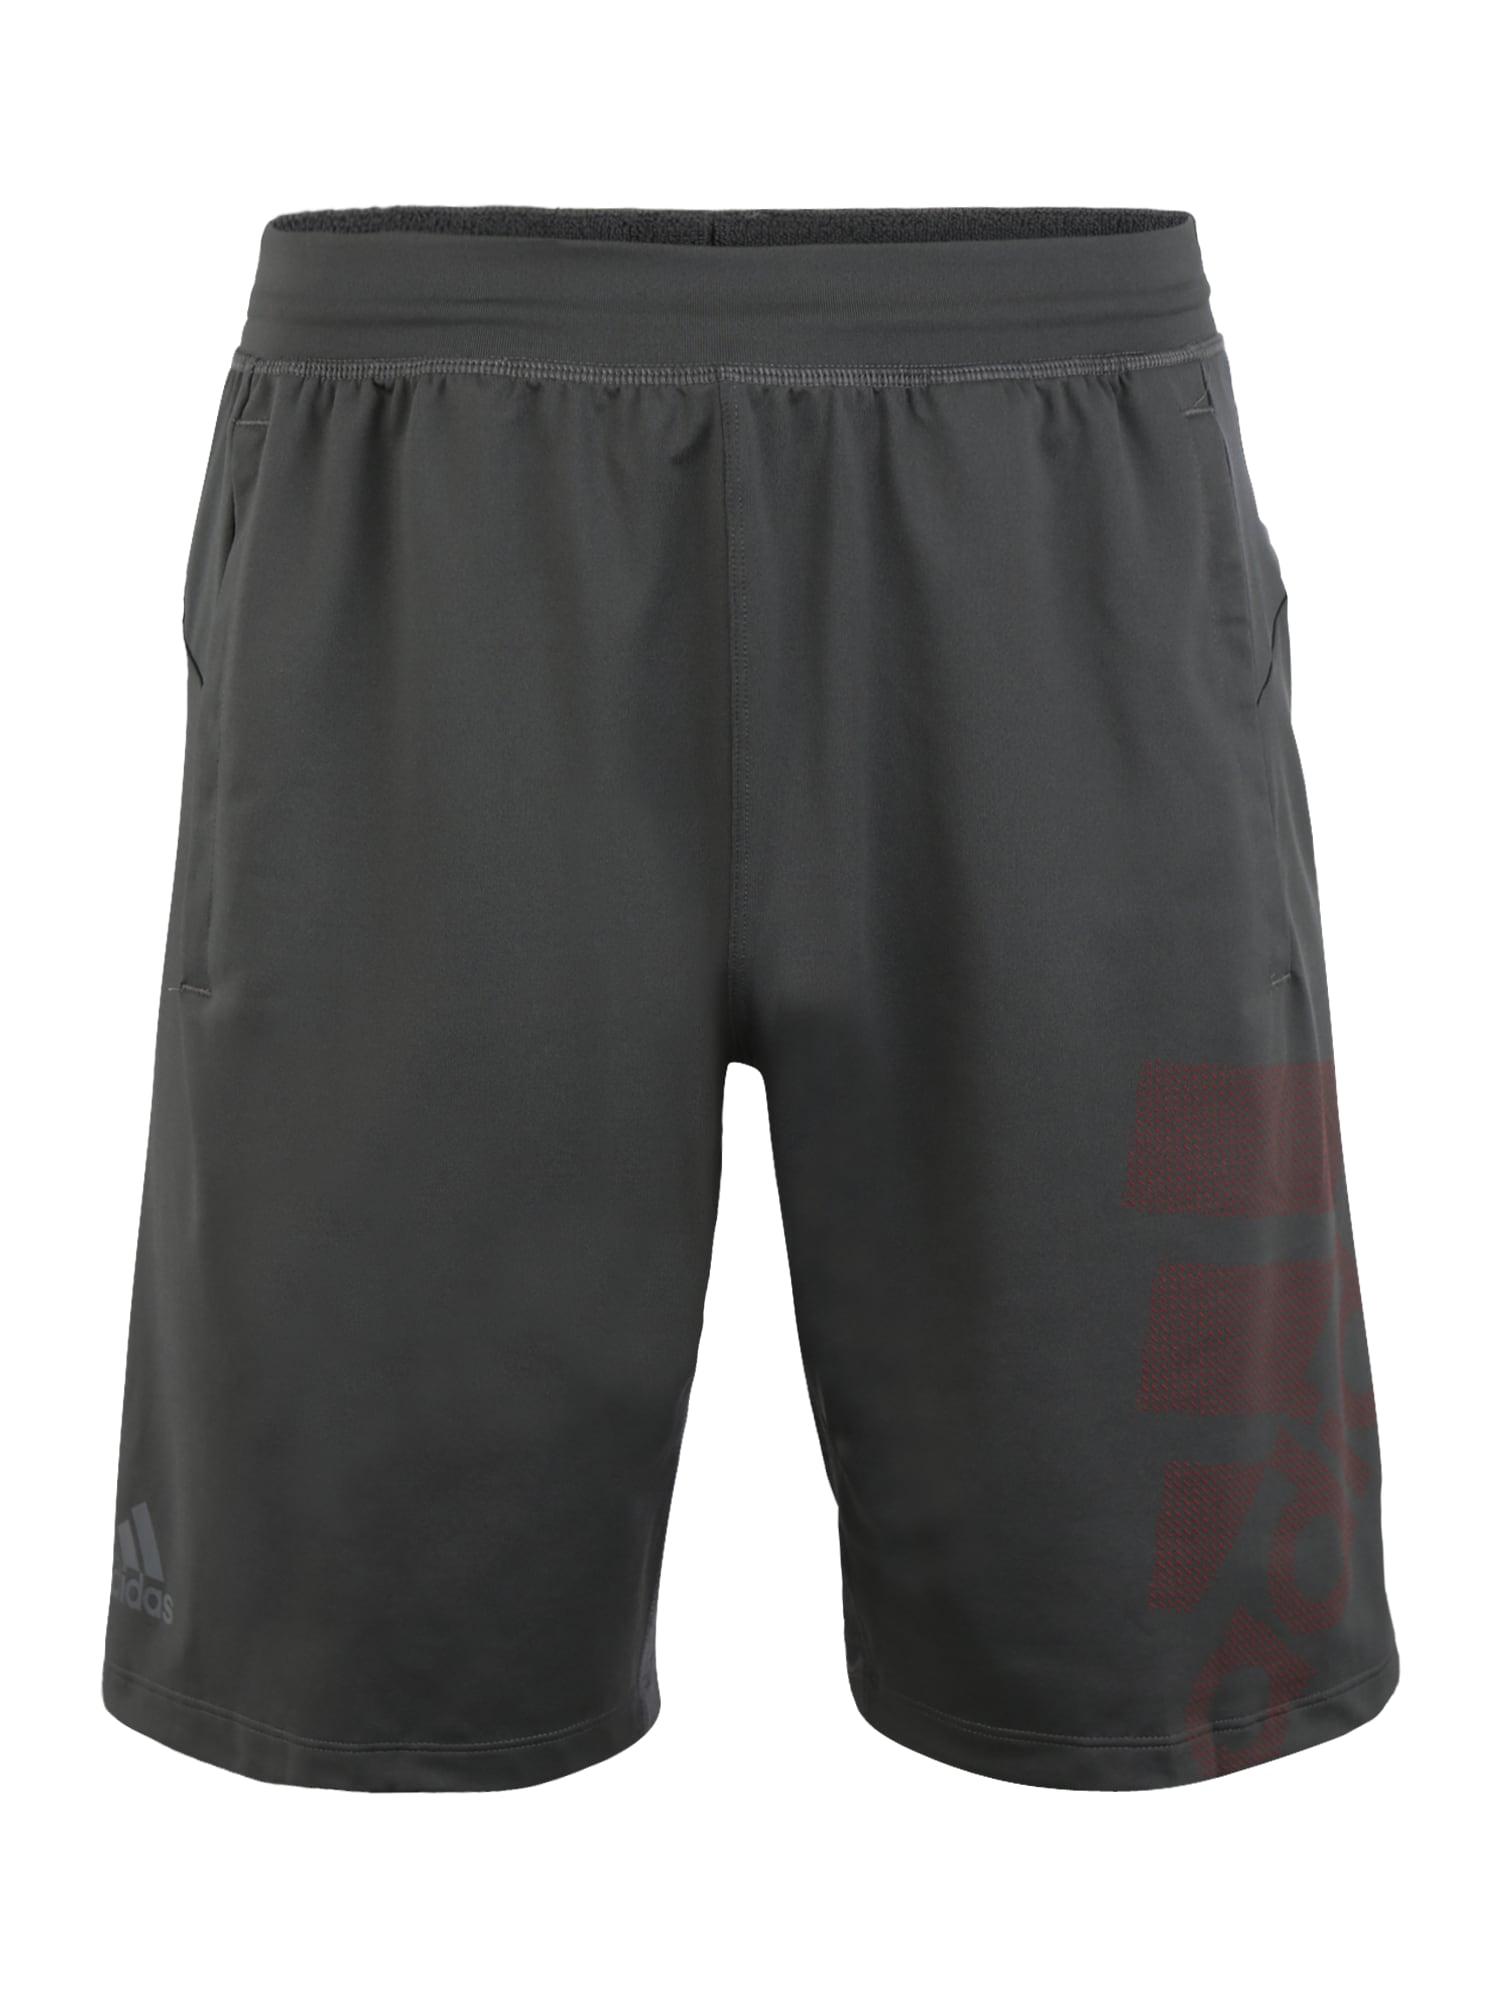 ADIDAS PERFORMANCE Sportinės kelnės tamsiai pilka